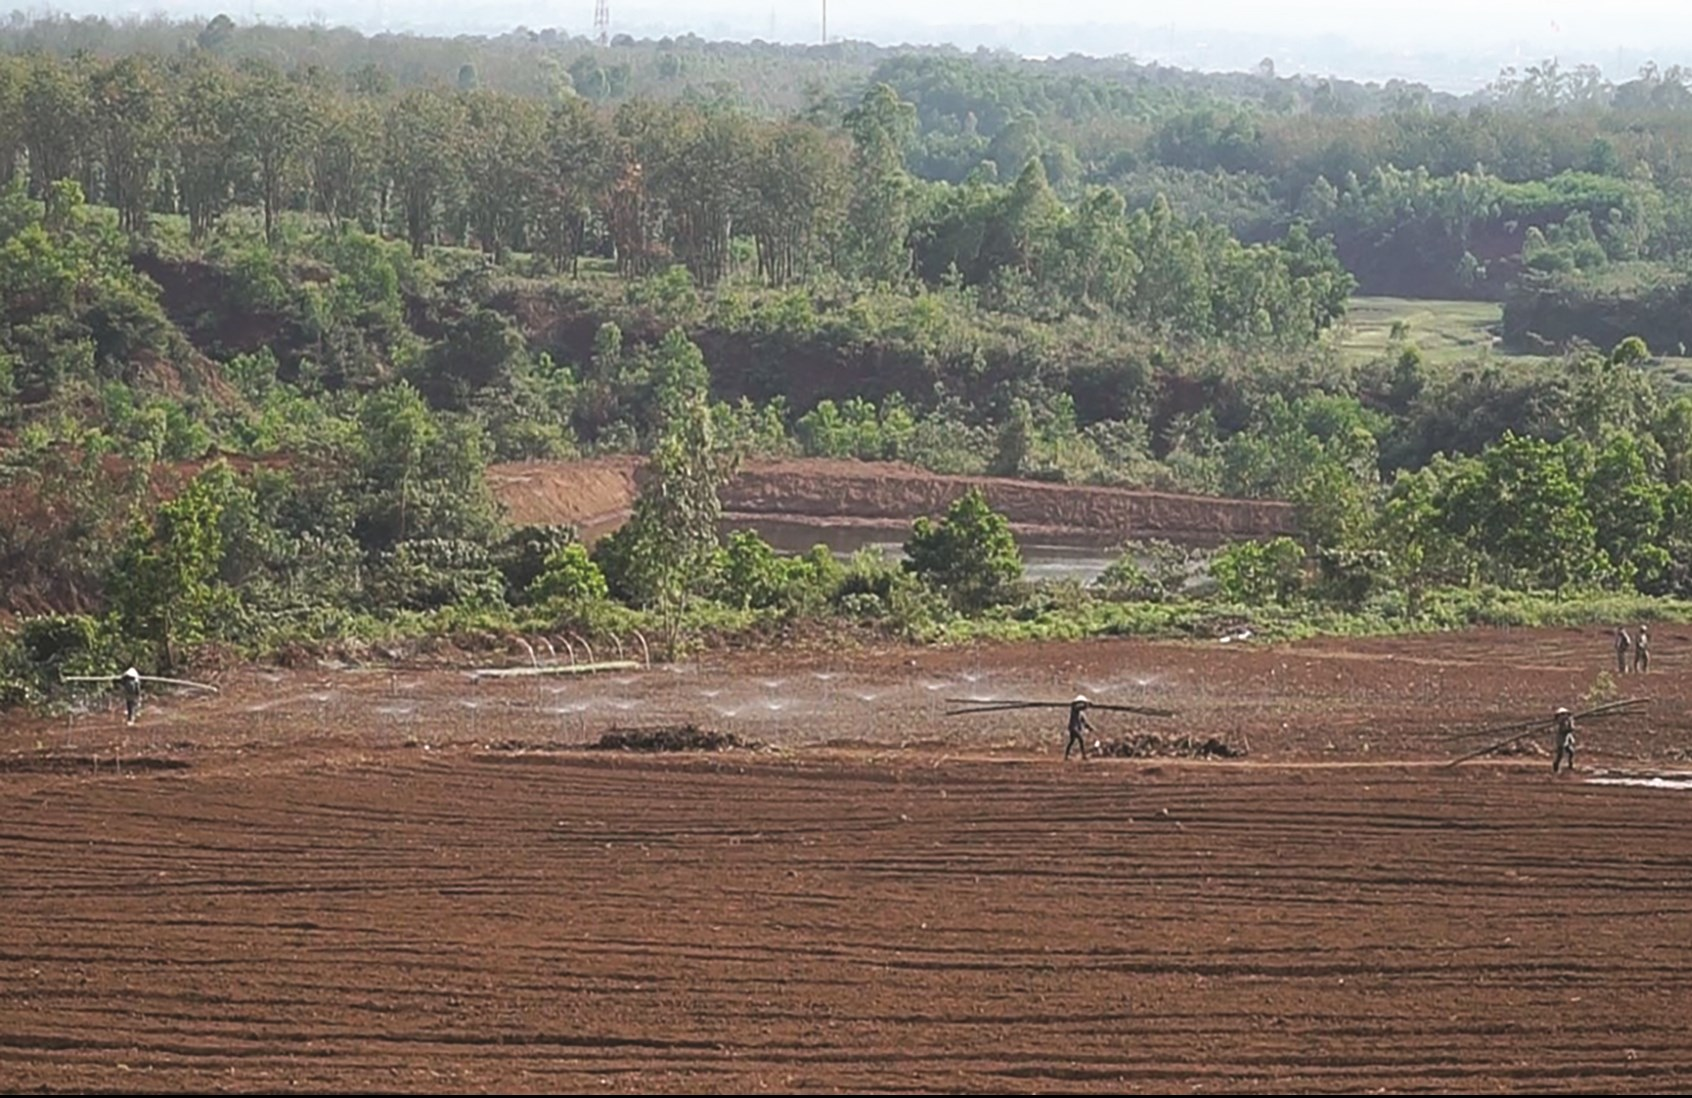 Nhiều năm ì ạch triển khai dự án, đến nay chưa hoàn thiện thủ tục pháp lý nhưng Công ty Sông Hiền vẫn thực hiện thi công trái phép ở rừng tự nhiên Rú Lịnh